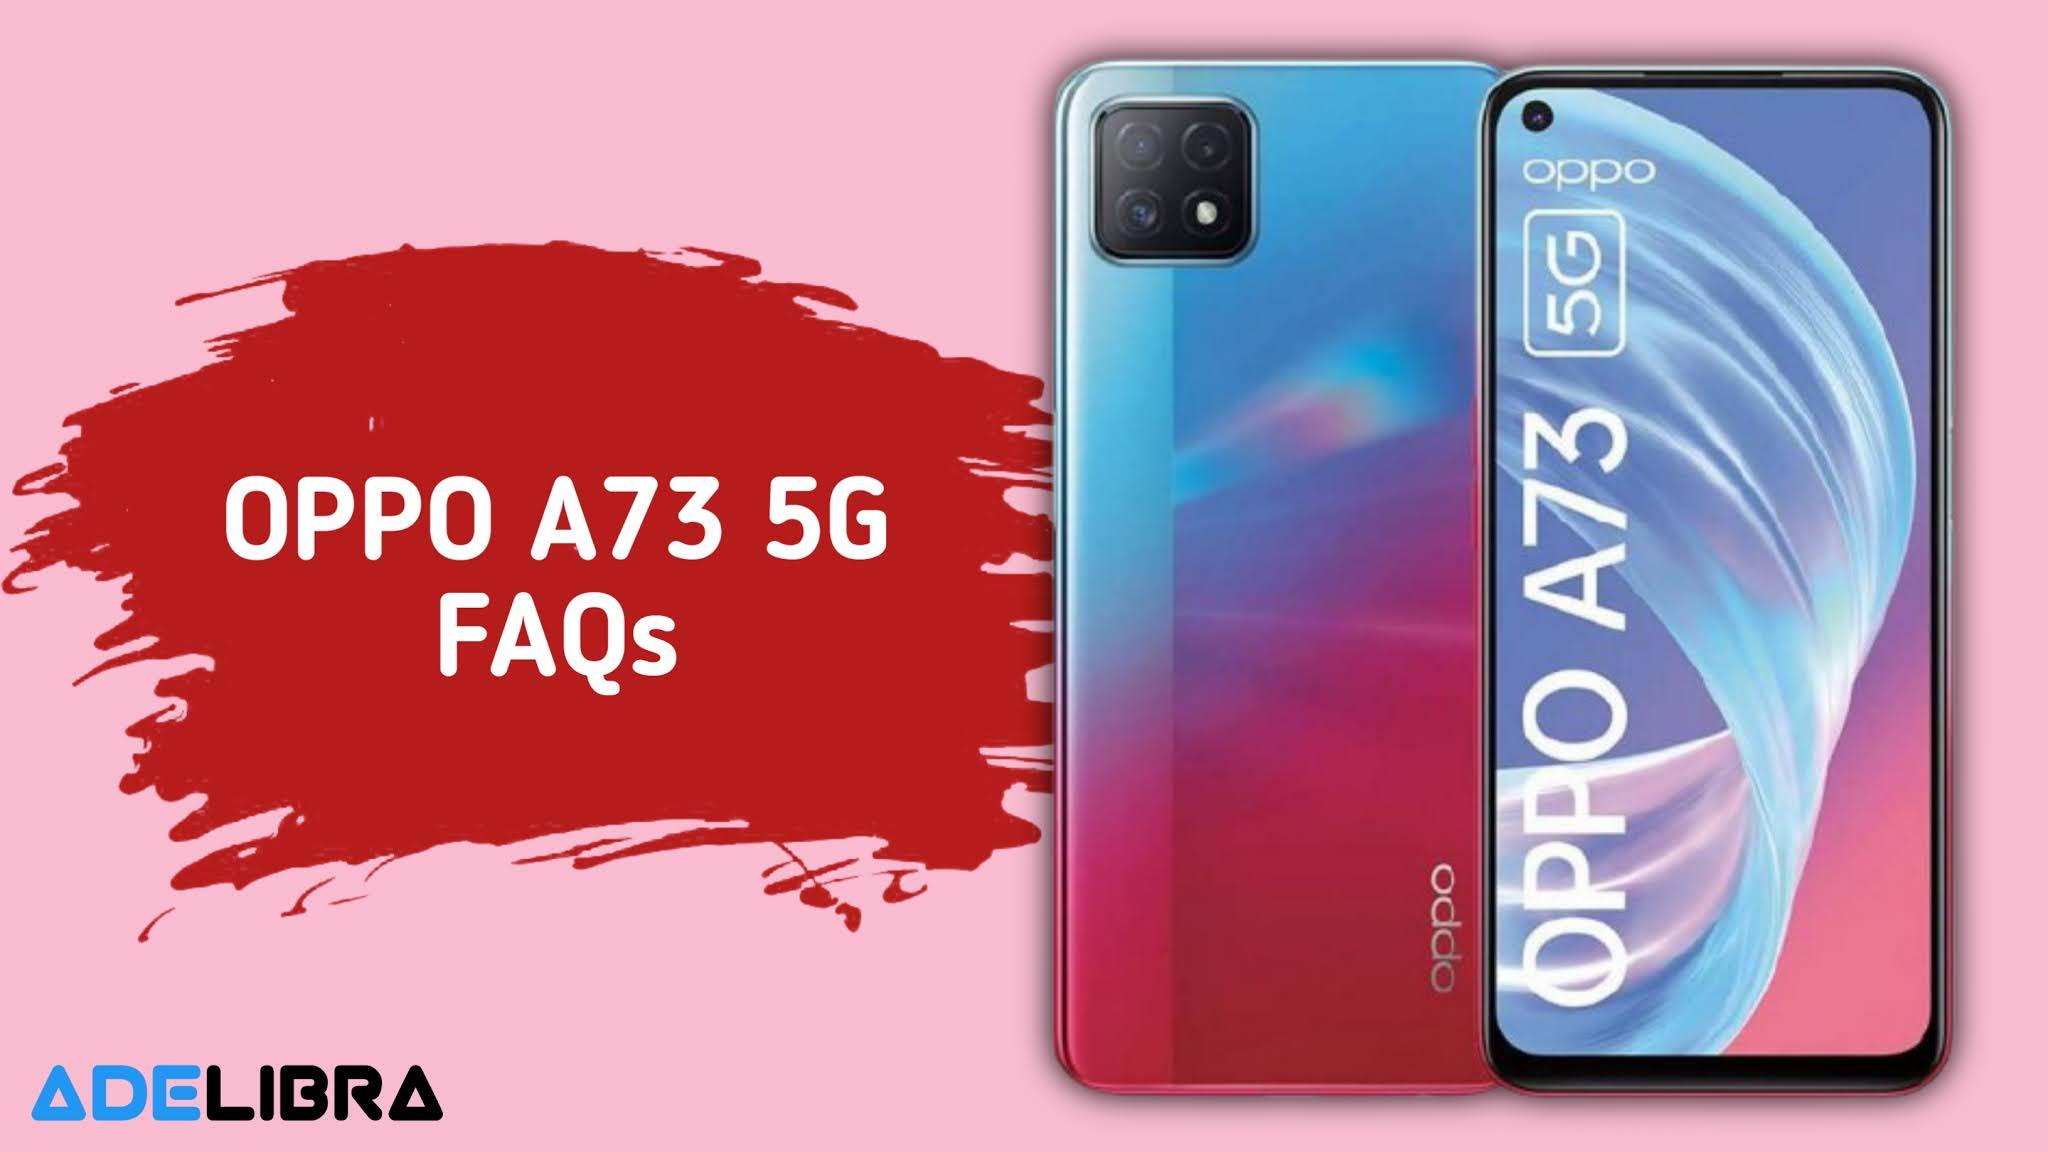 Oppo A73 5G FAQs